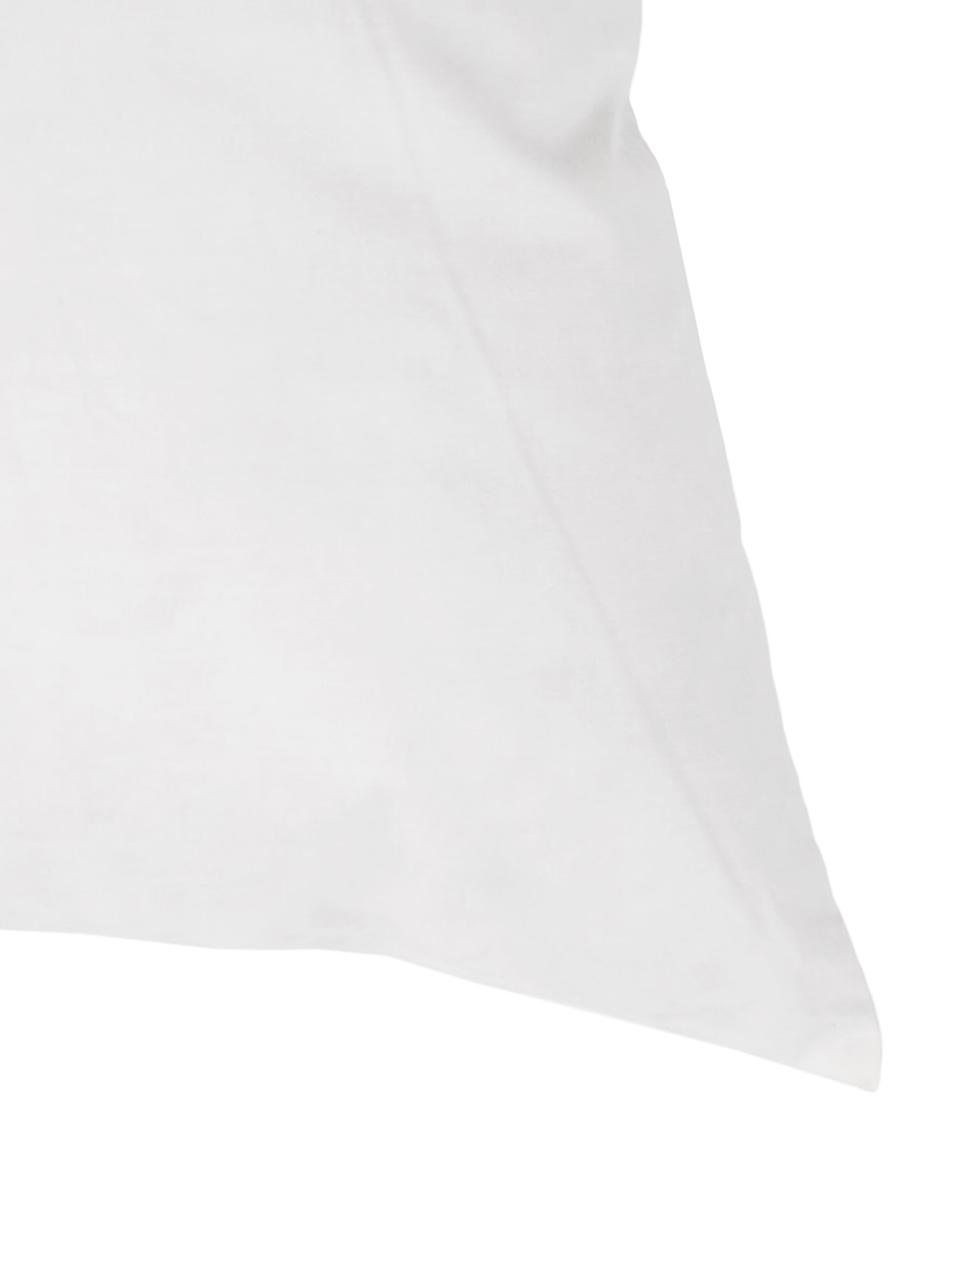 Kissen-Inlett Comfort, 50x50, Feder-Füllung, Weiß, 50 x 50 cm